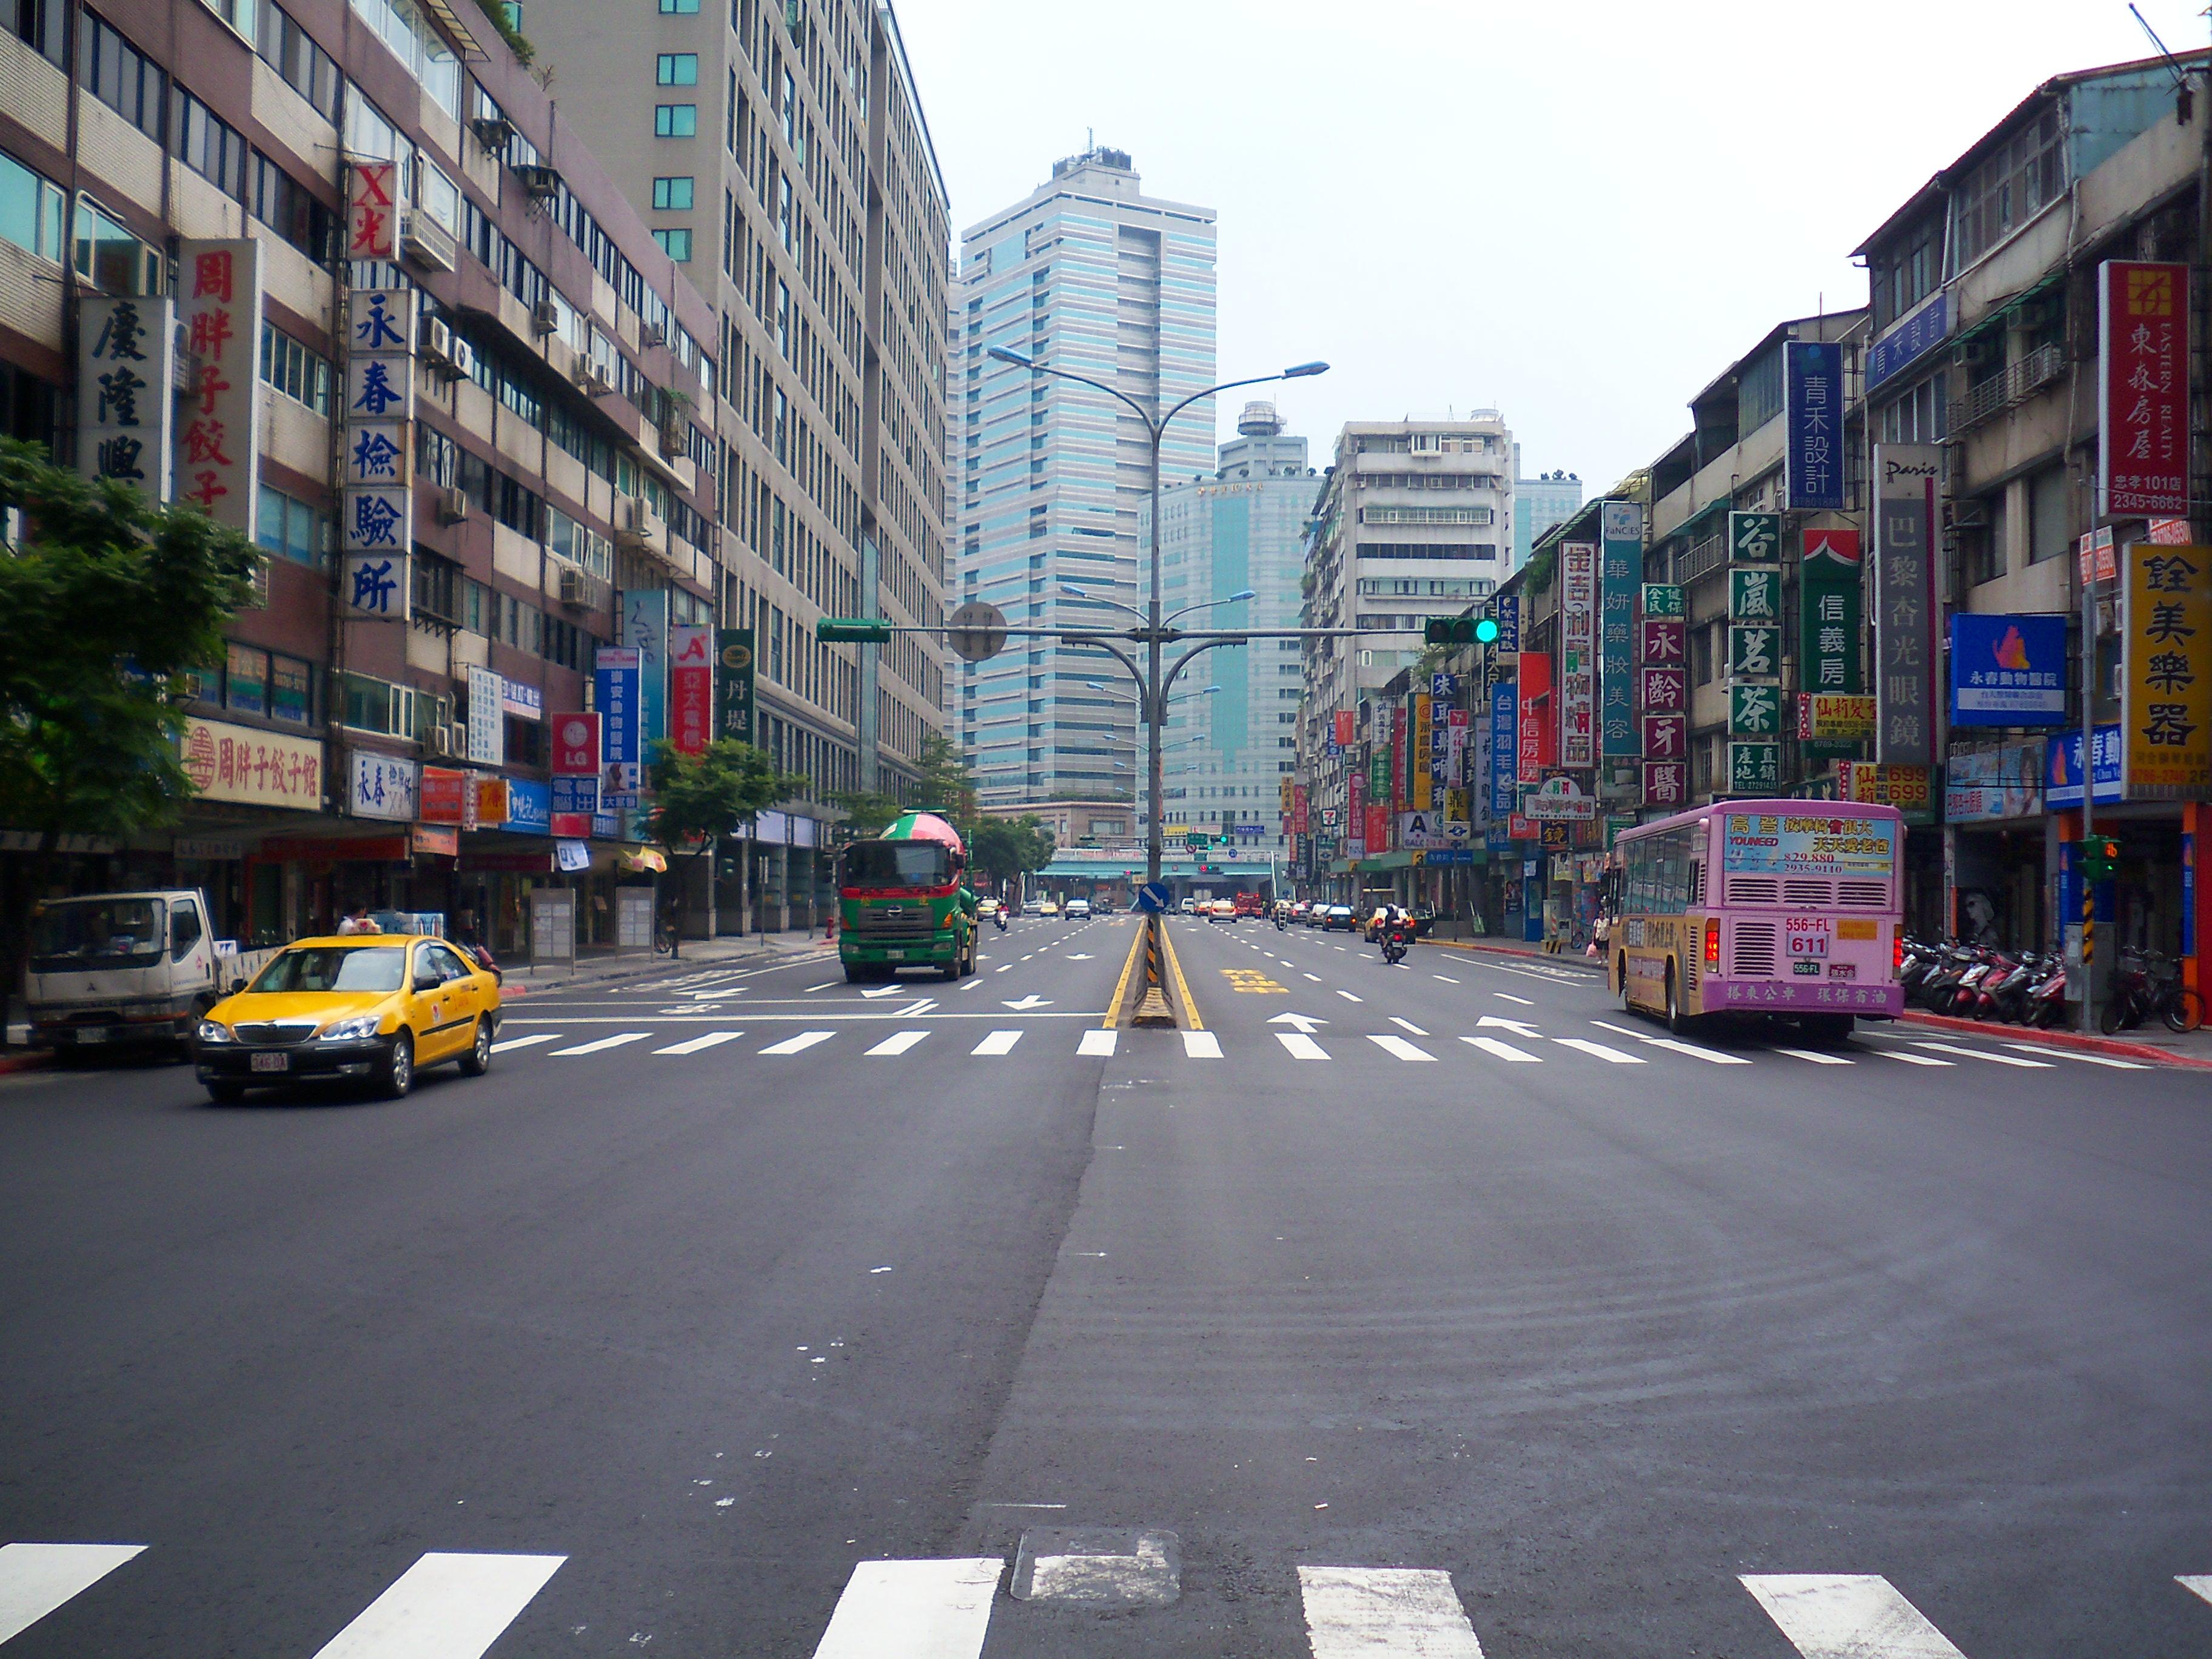 Kết quả hình ảnh cho Zhong xiao East road